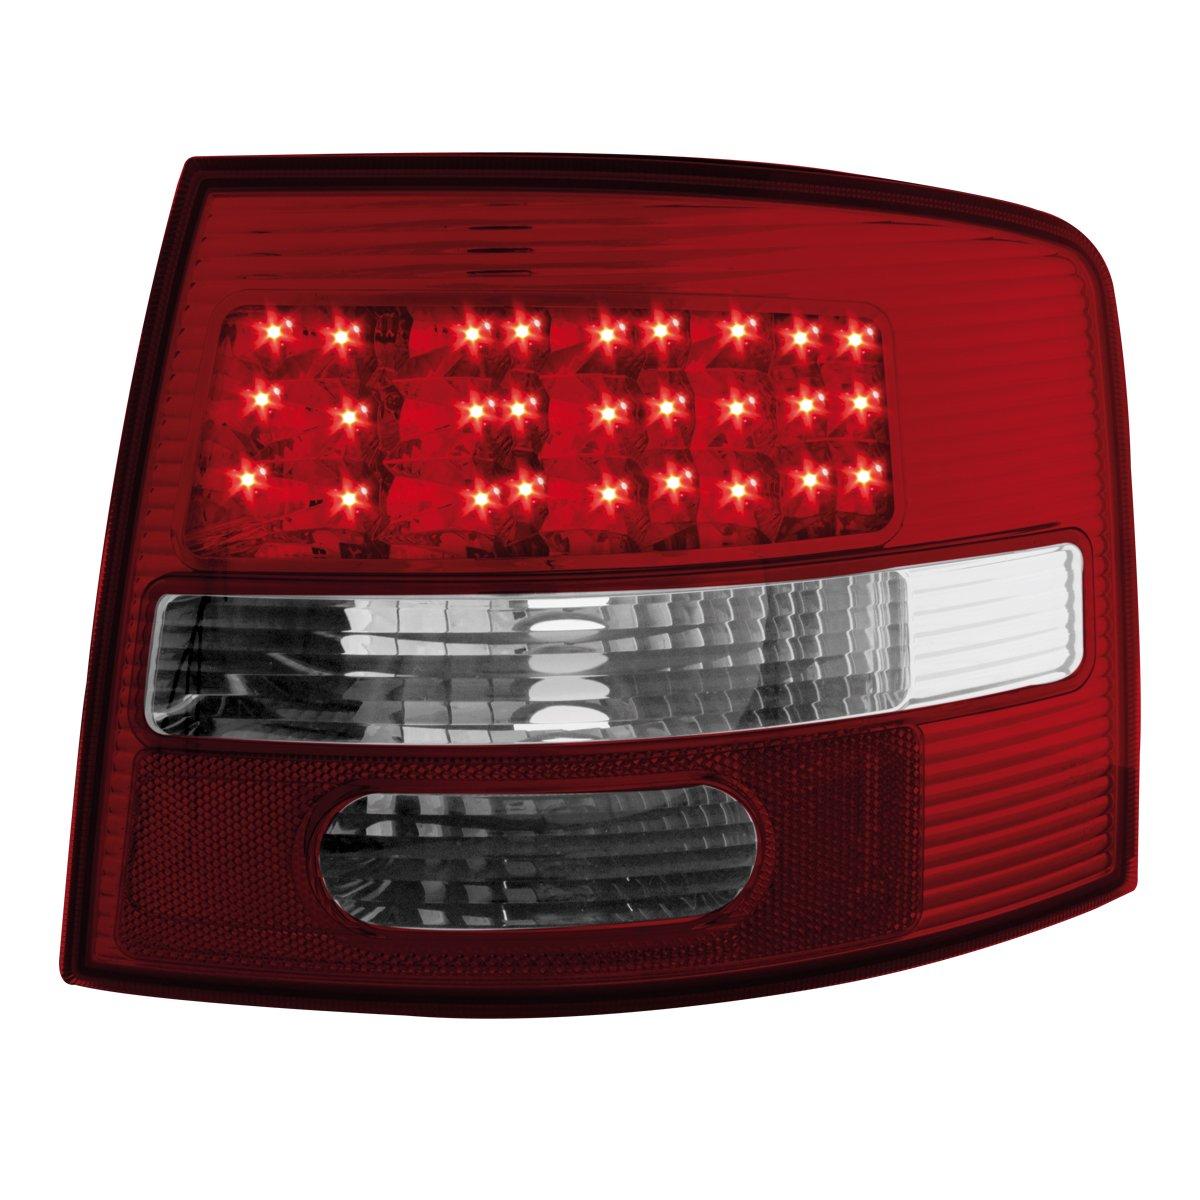 avant lighting. In. Pro. Lighting 33160Â LED Rear Lights, Red/Clear: Amazon.co.uk: Car \u0026 Motorbike Avant S